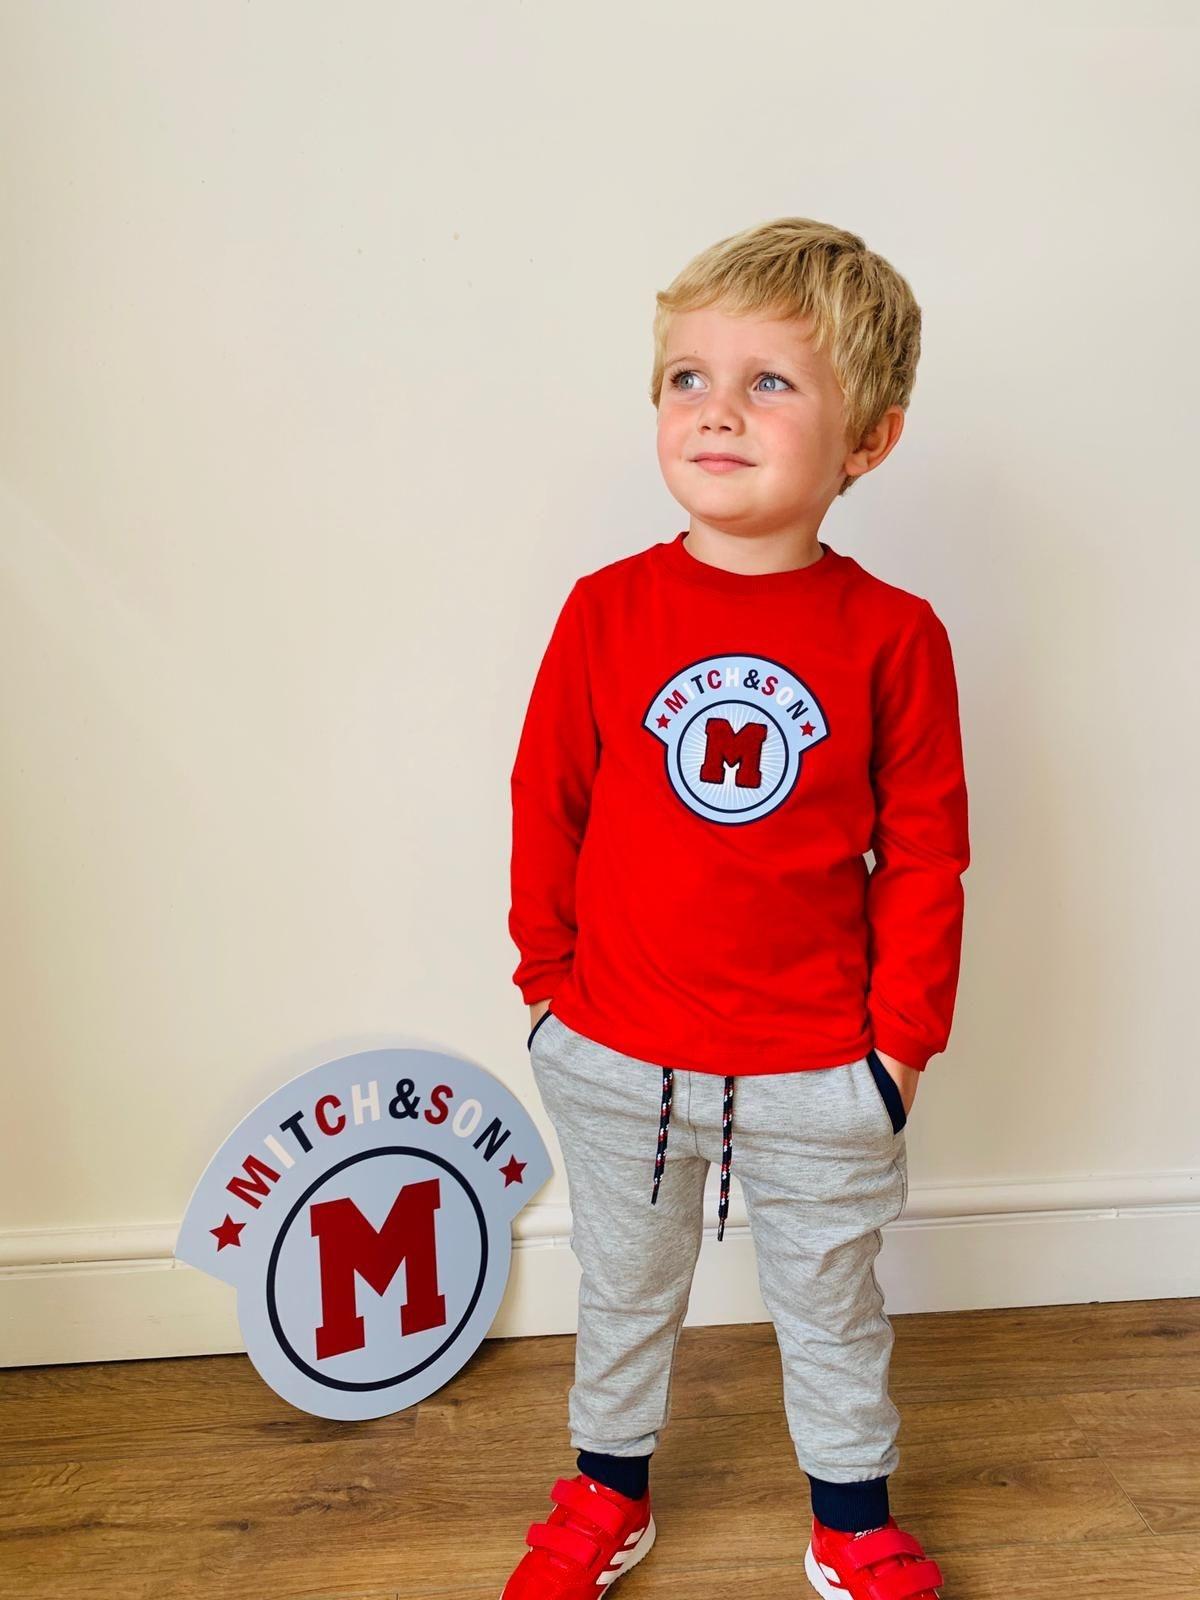 Mitch and Son Mitch & Son Amir Chilli Red Round Neck Badge Top